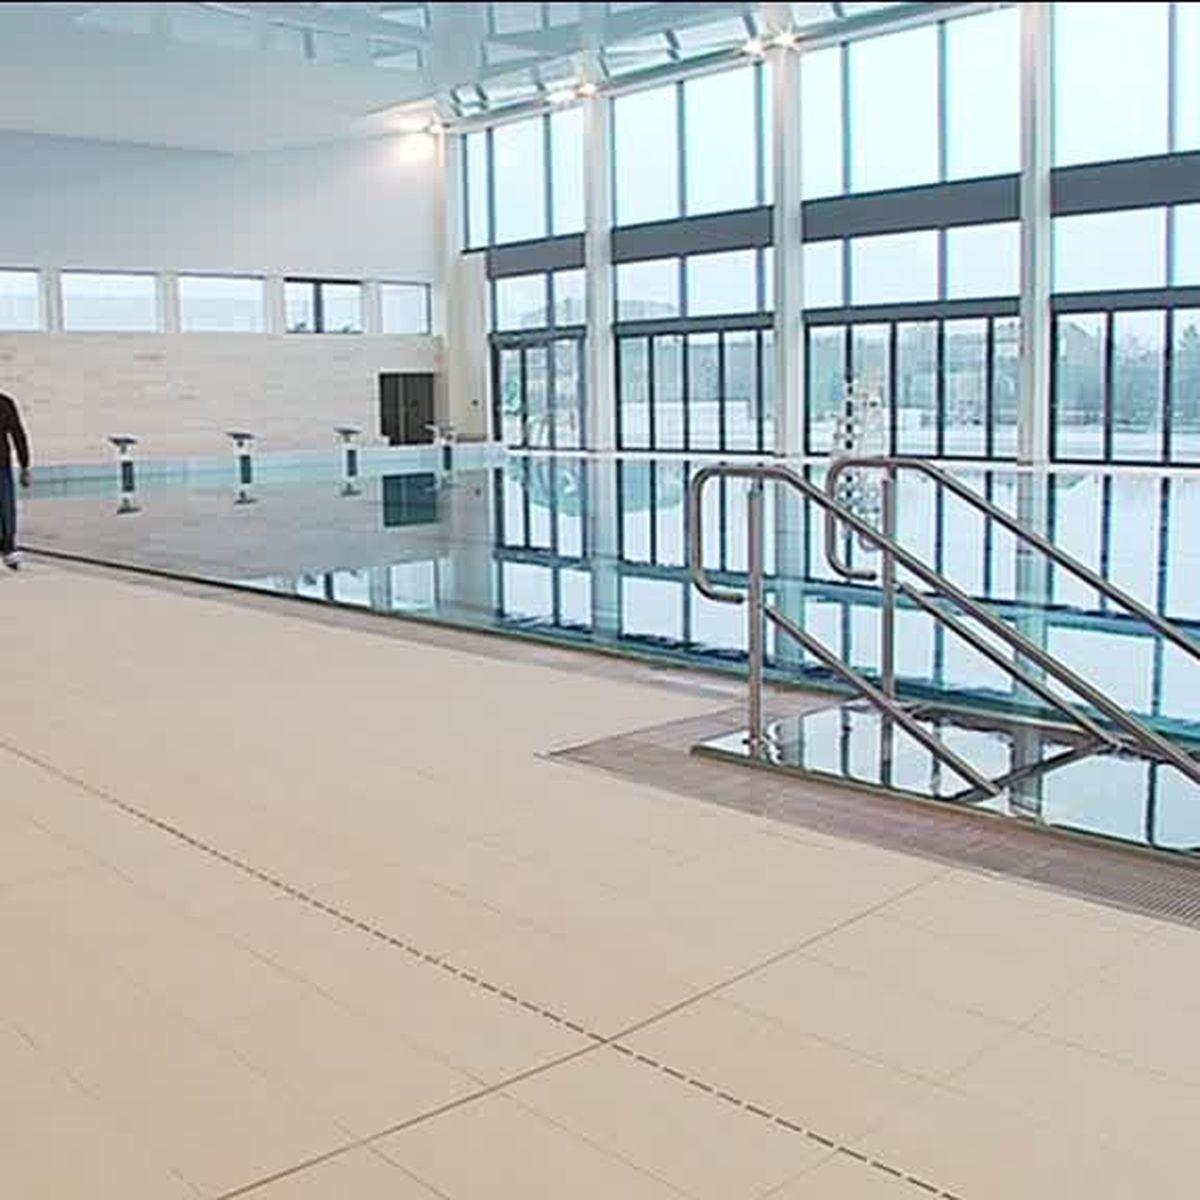 Grand Cognac Le Nouveau Centre Aquatique Doit Ouvrir En Mars